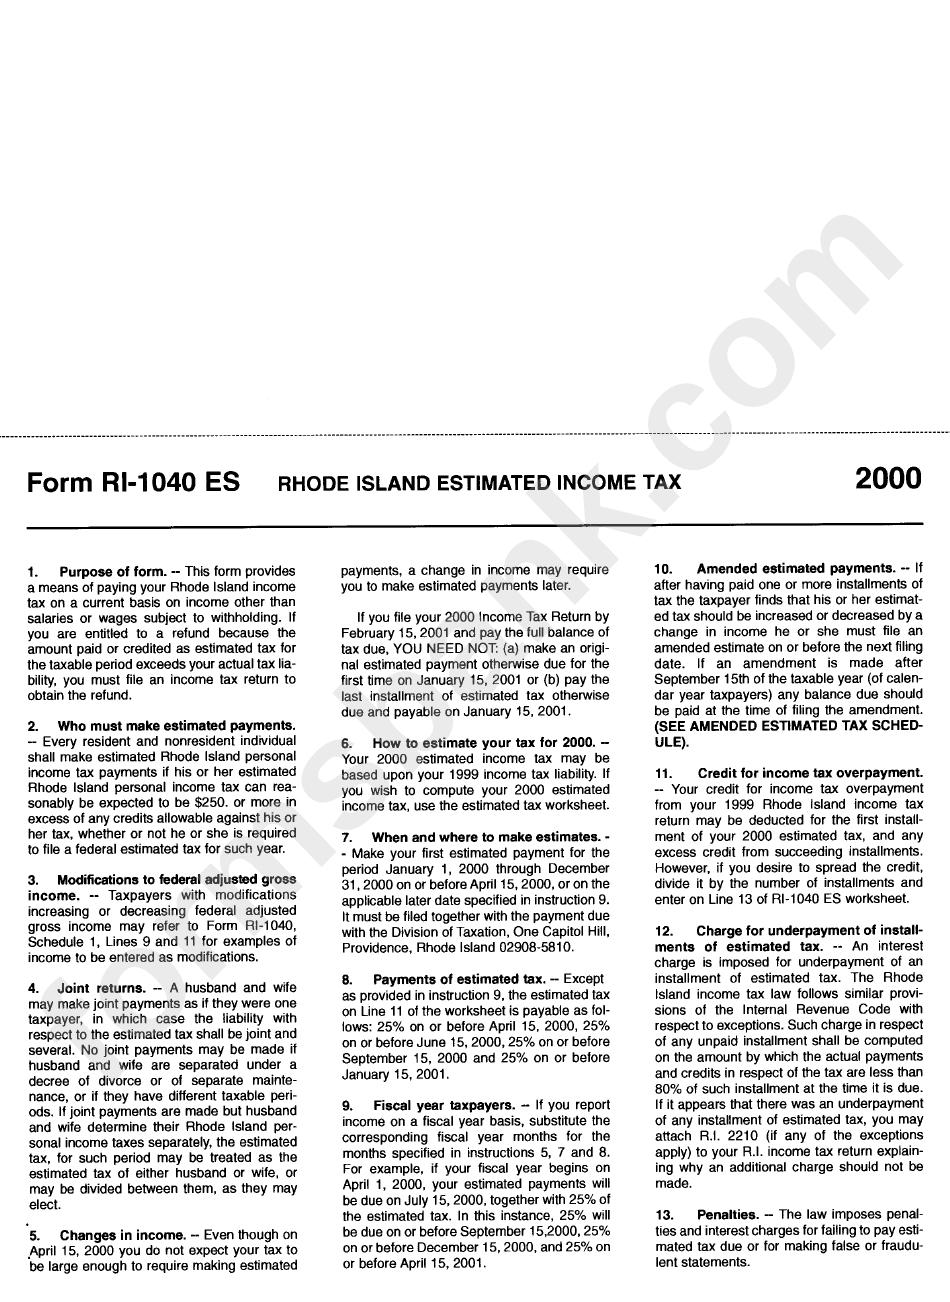 Form Ri 1040 Es Ri Division Of Taxation Payment Voucher 2000